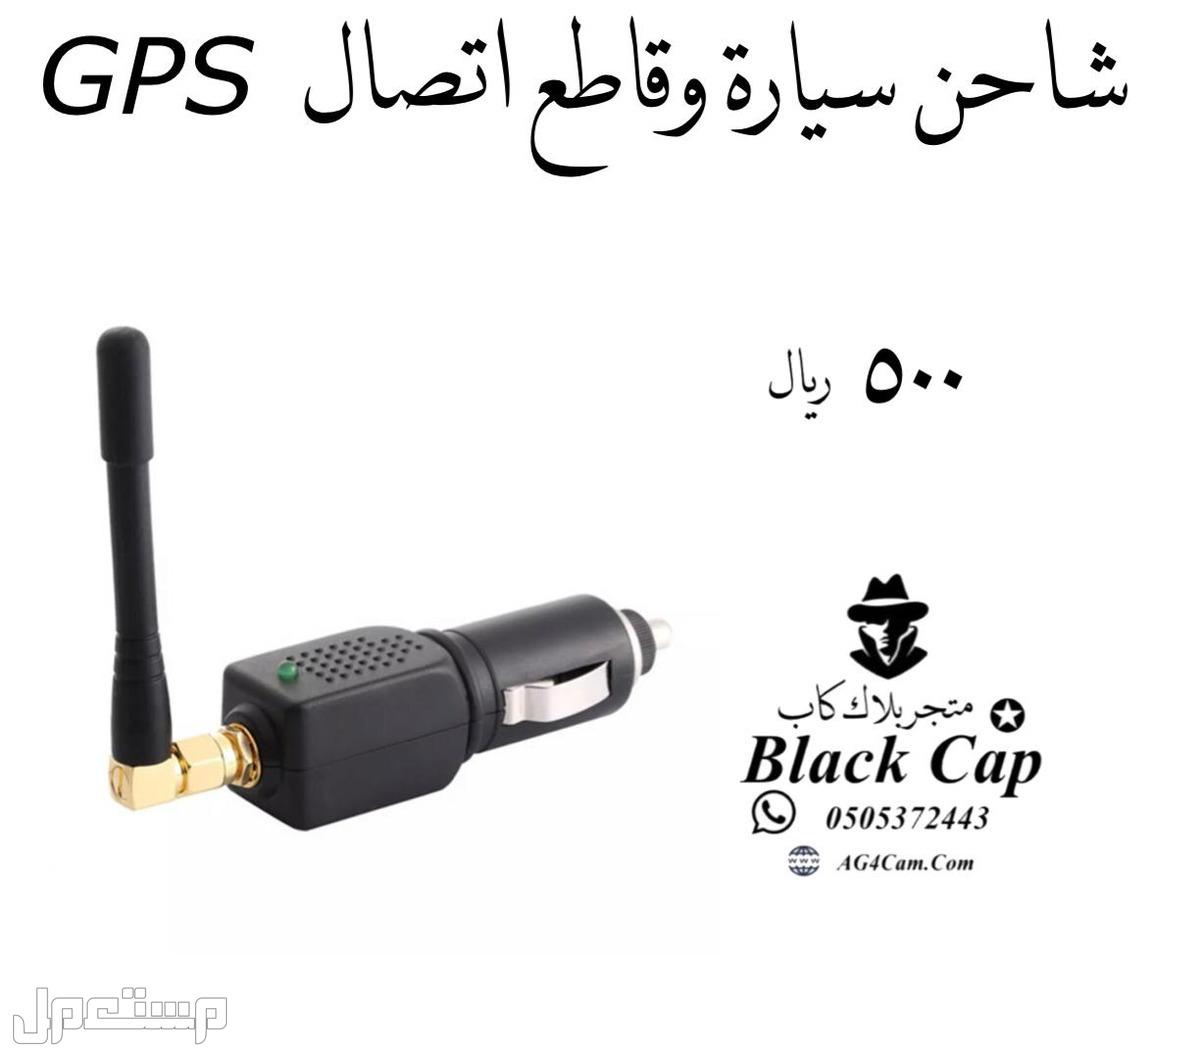 شاحن سيارة مانع وقاطع تحديد المواقع GPS ومنع التعقب